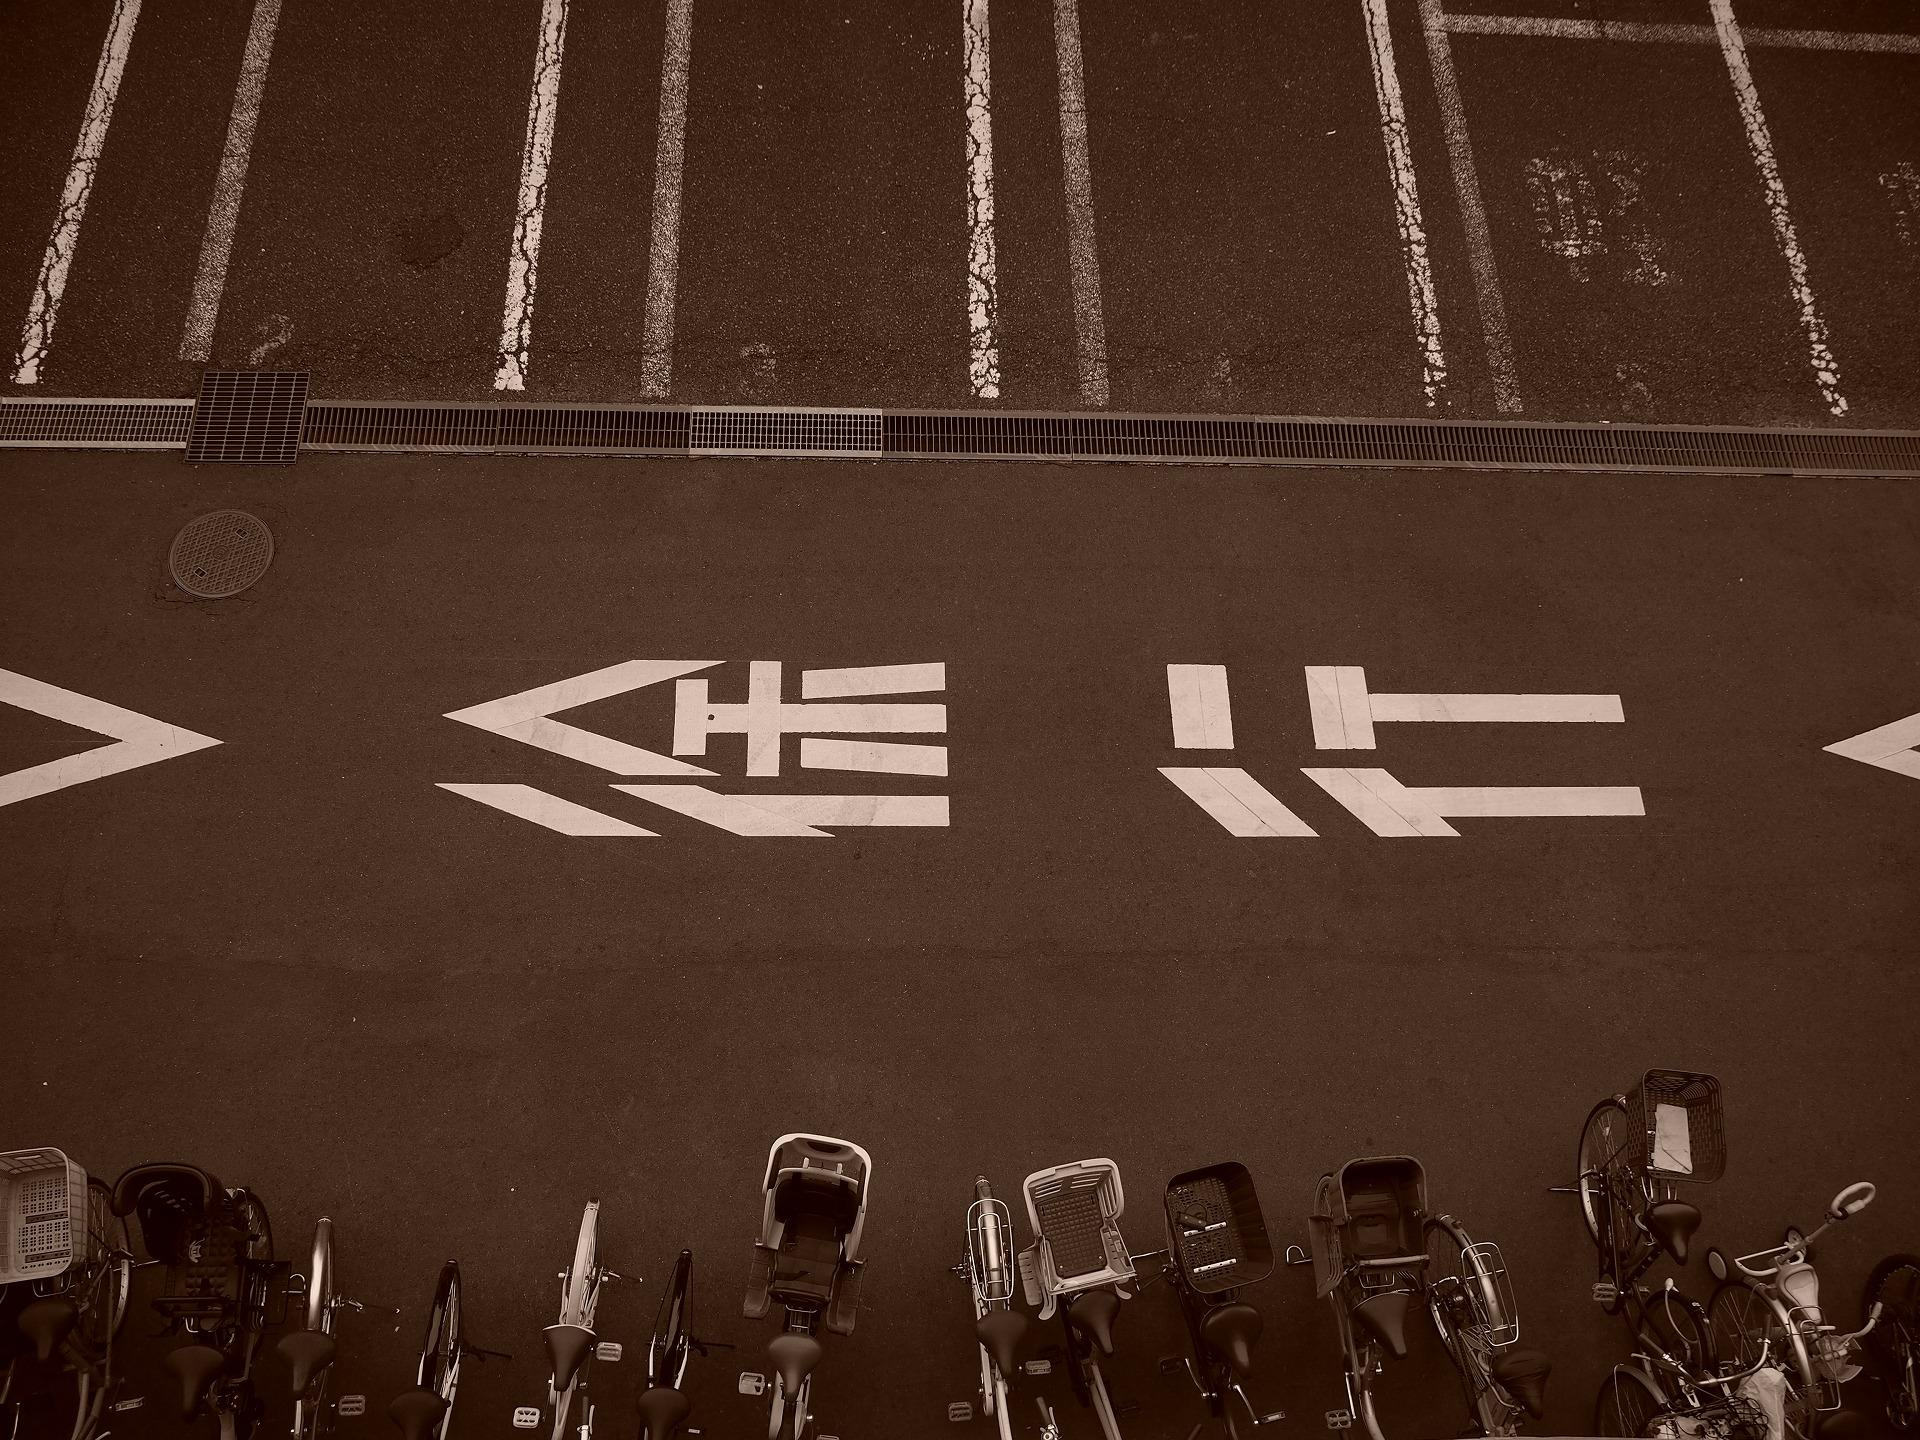 徐行の道路標識と自転車